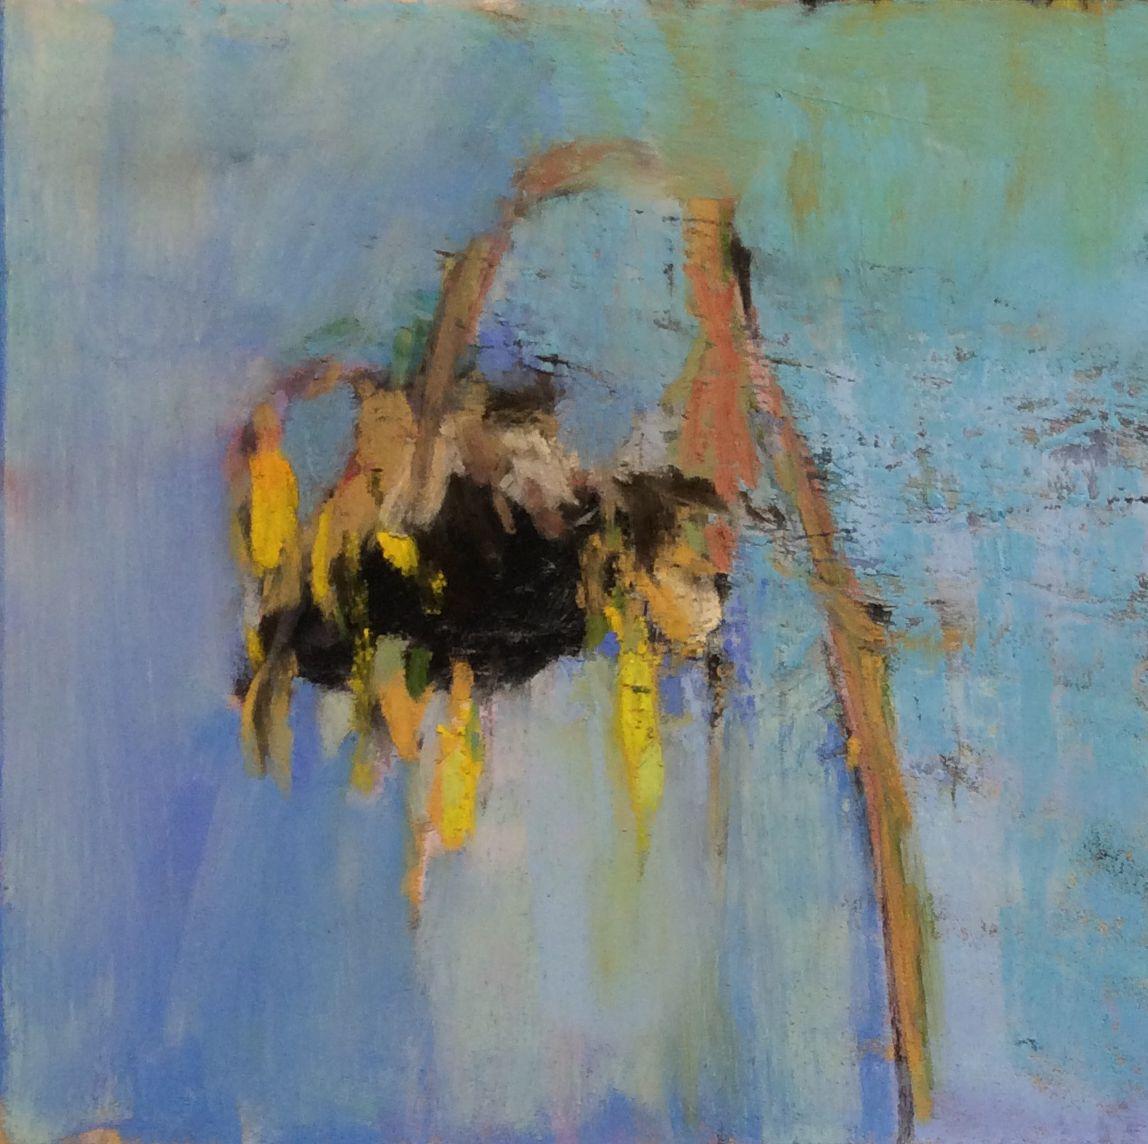 """Sunflower (Morte). 2016. Pastel, Dry Ground & Oil. 7"""" x 7."""" Casey Klahn."""